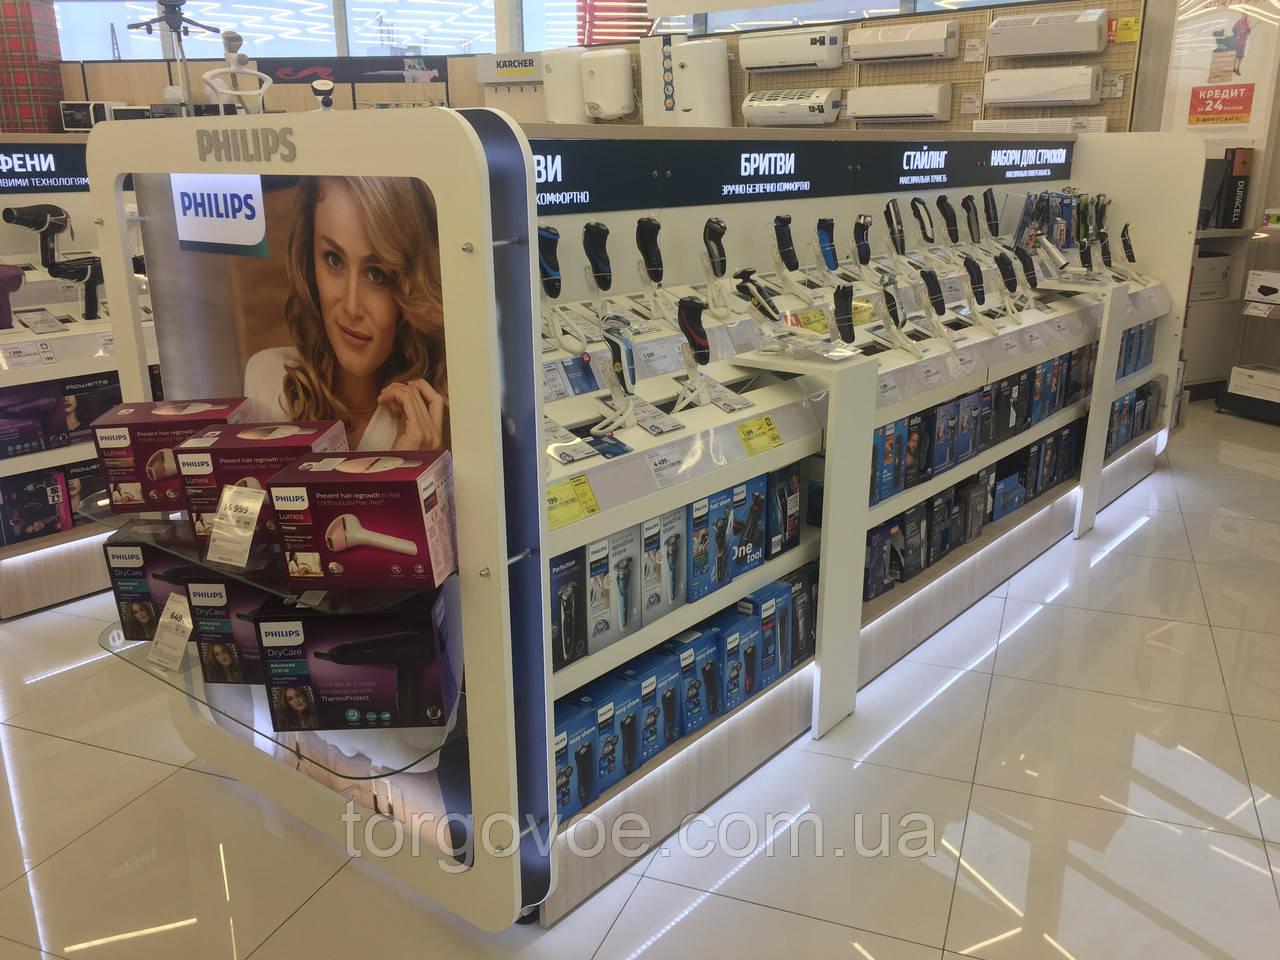 Брендинг торгового оборудования для магазинов электроники и бытовой техники. Стильное торговое оборудование, фото 1